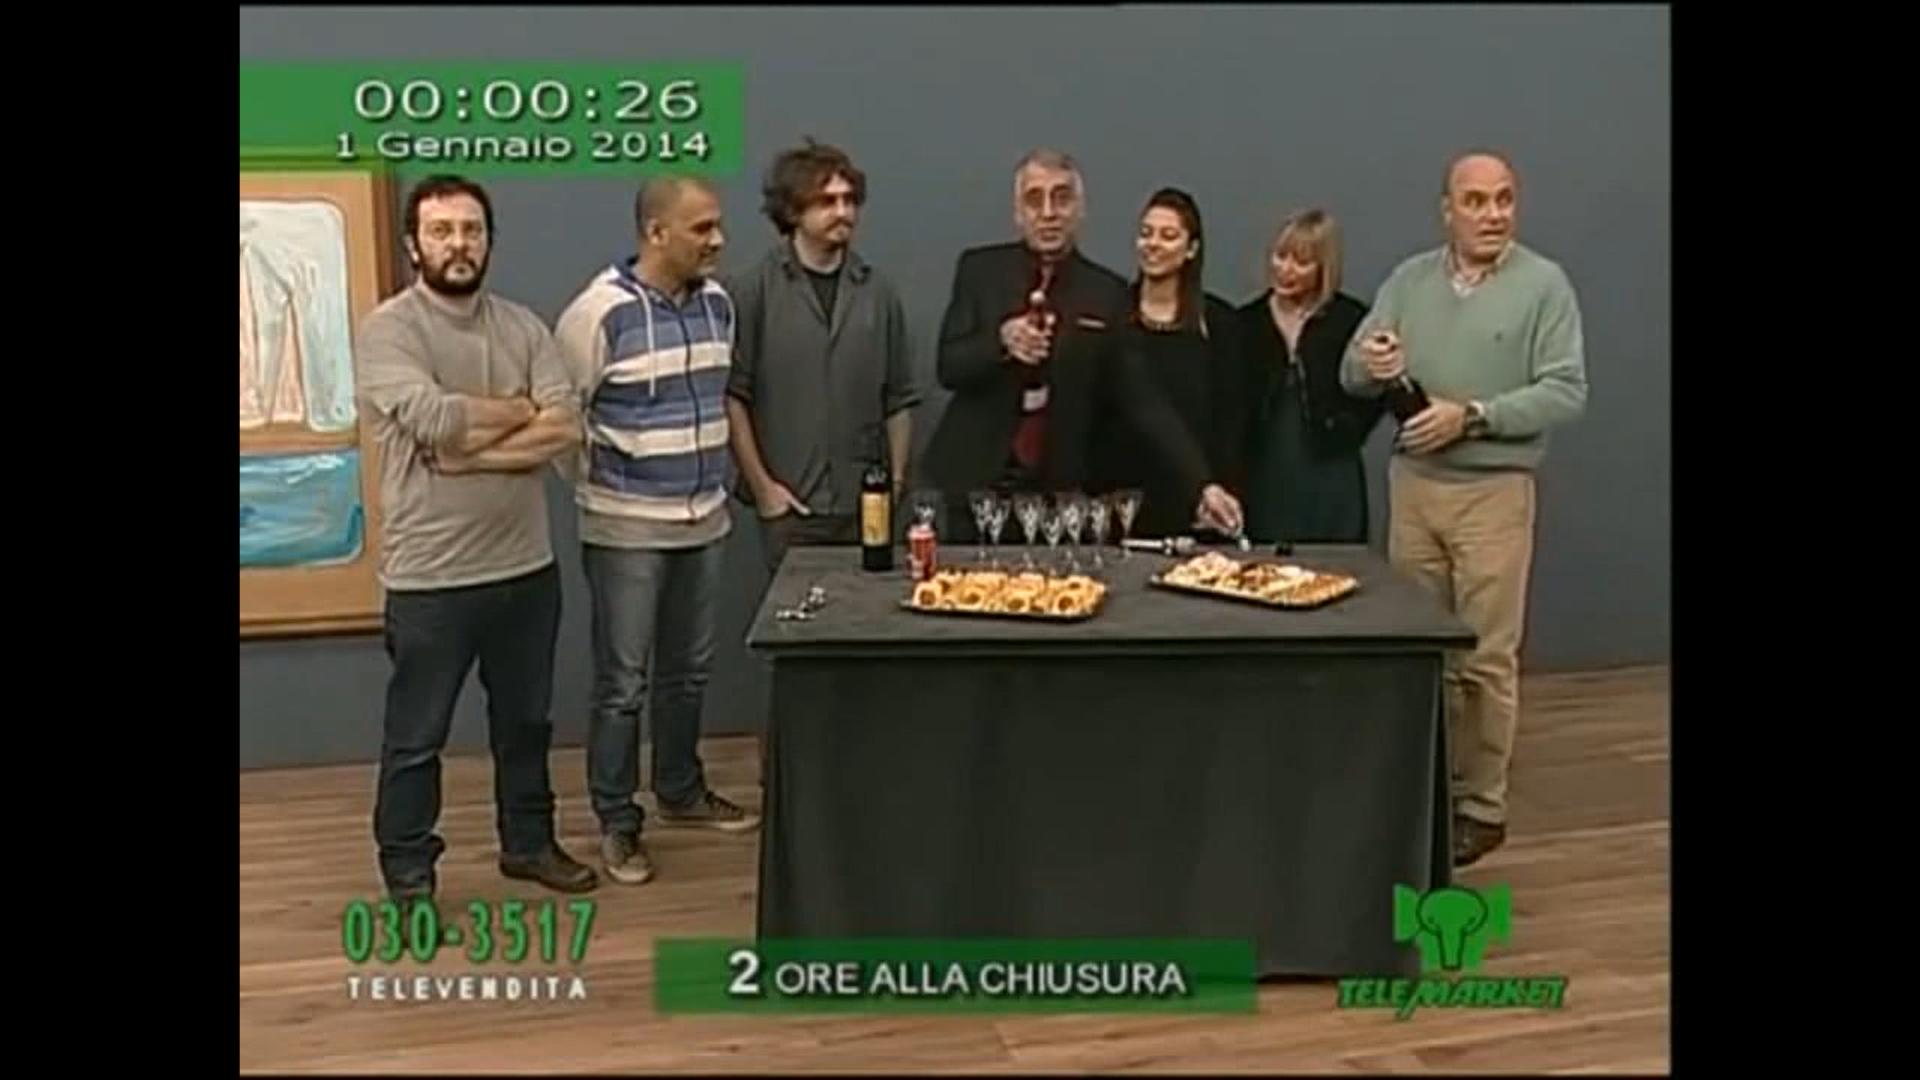 Alessandro-Orlando-telemarket-televendite-capodanno